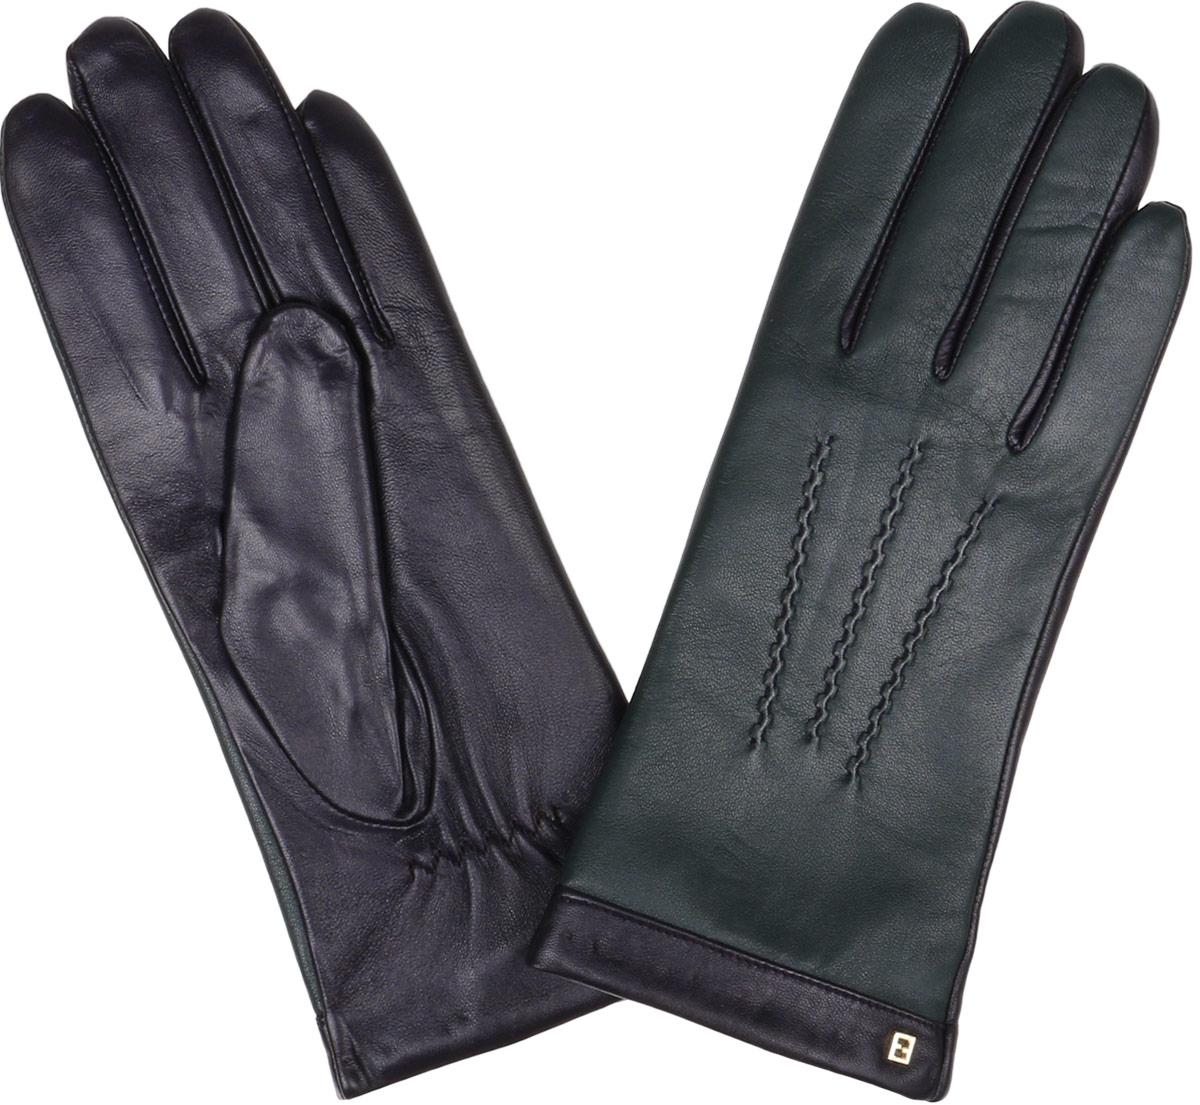 ПерчаткиS1.6-20_turquiseЖенские перчатки Fabretti Touch Screen не только защитят ваши руки от холода, но и станут незаменимым аксессуаром. Модель изготовлена из натуральной кожи на подкладке из шерсти с добавлением кашемира. Современные технологии обработки кожи позволяют работать с любыми сенсорными дисплеями, не снимая перчатки, что особенно важно в климатических условиях России. Конкурентным преимуществом данной технологии, является отсутствие текстильных вставок на пальцах, которые портят внешний вид перчаток и нарушают целостность кожи. Лицевая сторона изделия украшена фигурной прострочкой. Модель дополнена небольшим декоративным элементом с логотипом бренда. Запястье оснащено небольшой резинкой, фиксирующей модель на руке. Перчатки Fabretti станут завершающим и подчеркивающим элементом вашего стиля.